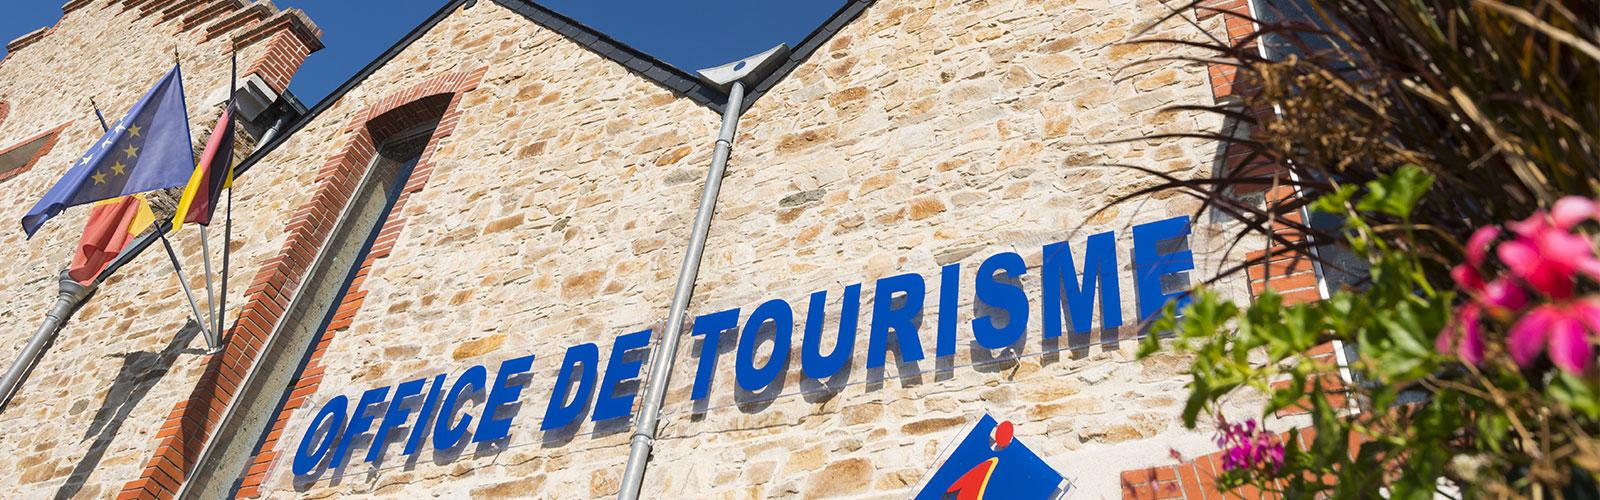 Les offices de tourisme vous accueillent en loire atlantique - Office tourisme cosne sur loire ...